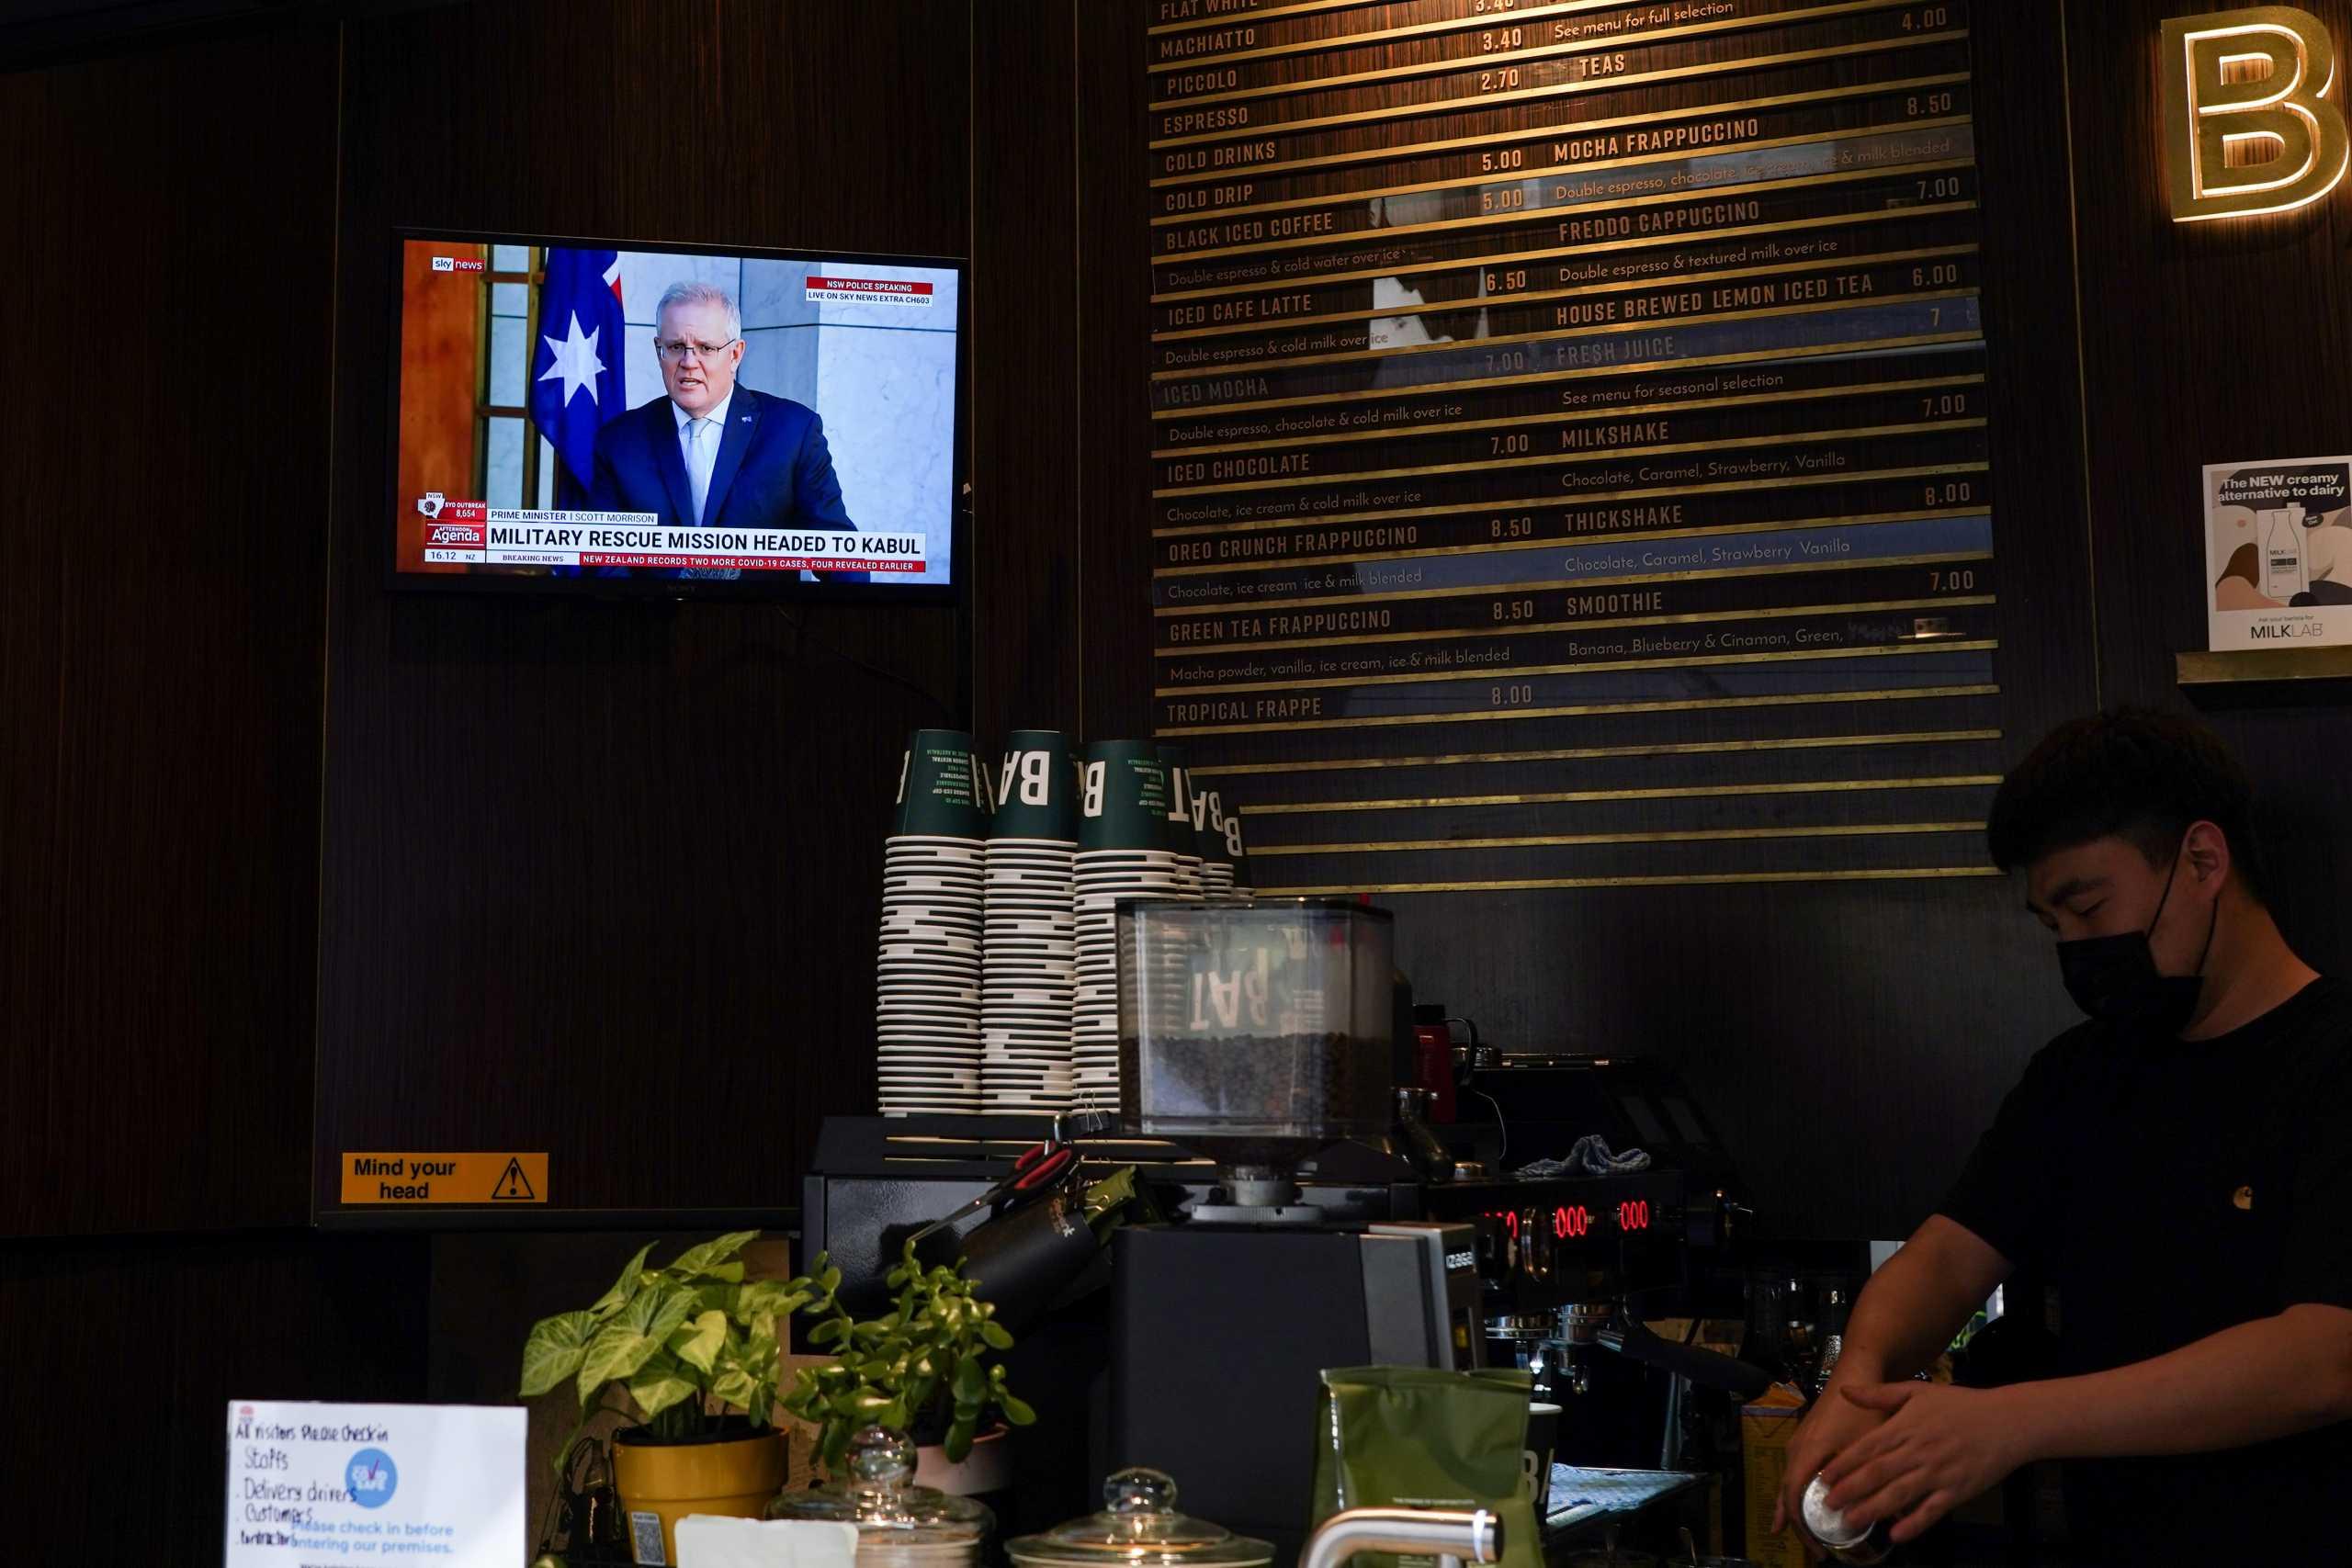 Κορονοϊός – Αυστραλία: Για δεύτερη συνεχόμενη ημέρα ρεκόρ κρουσμάτων